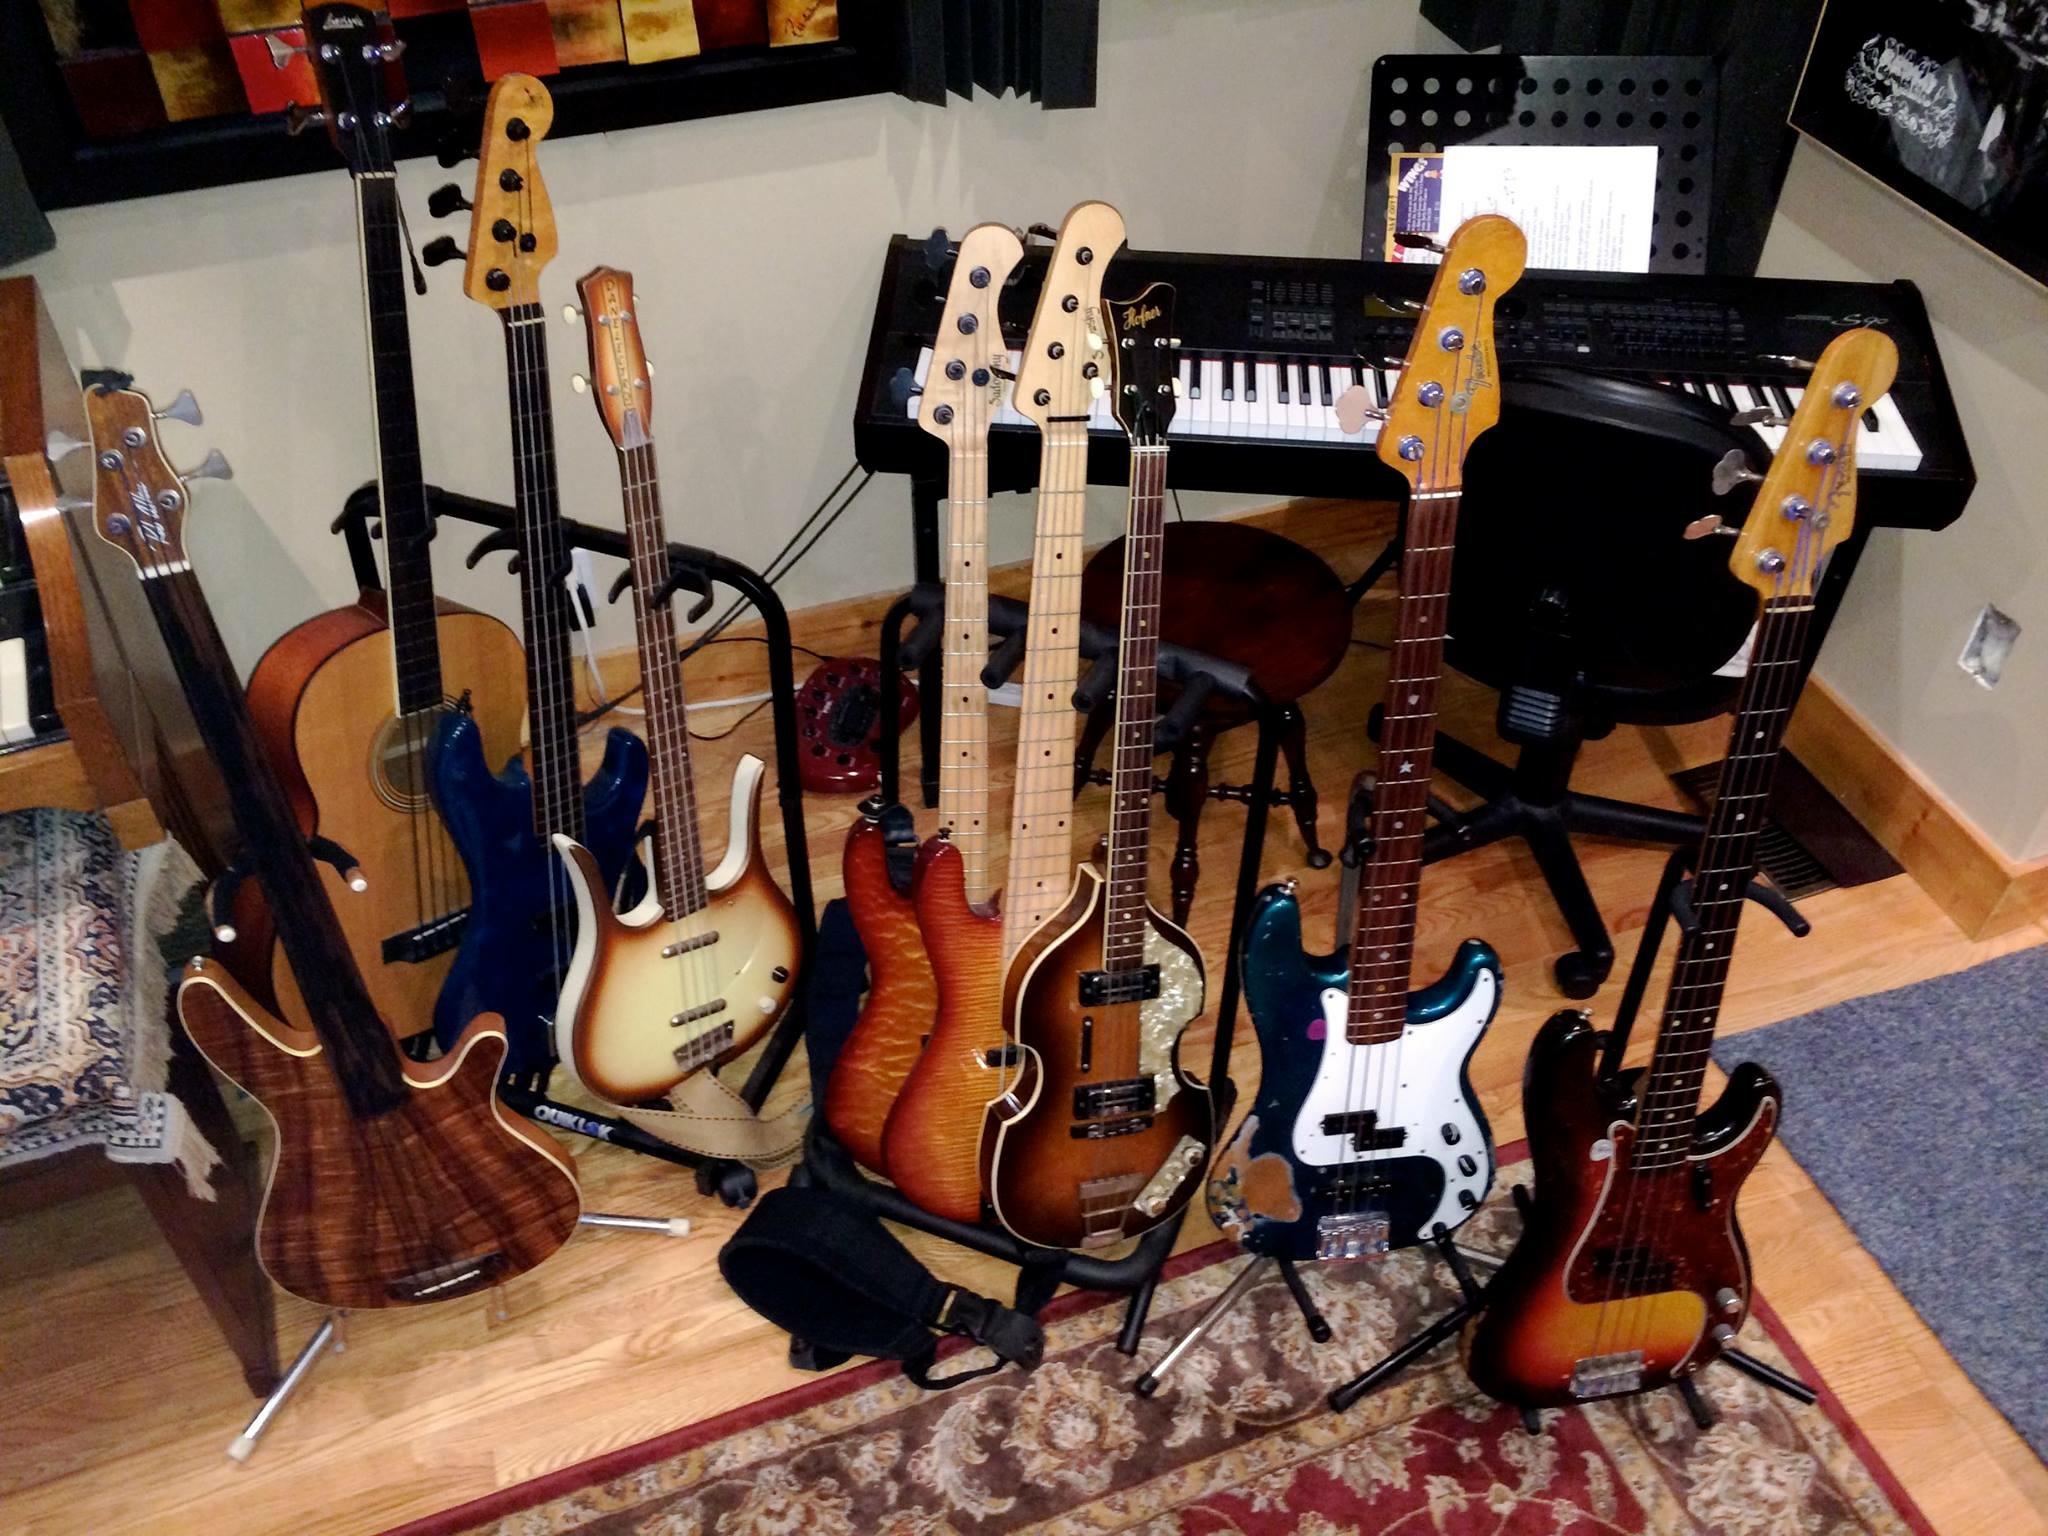 bass gear